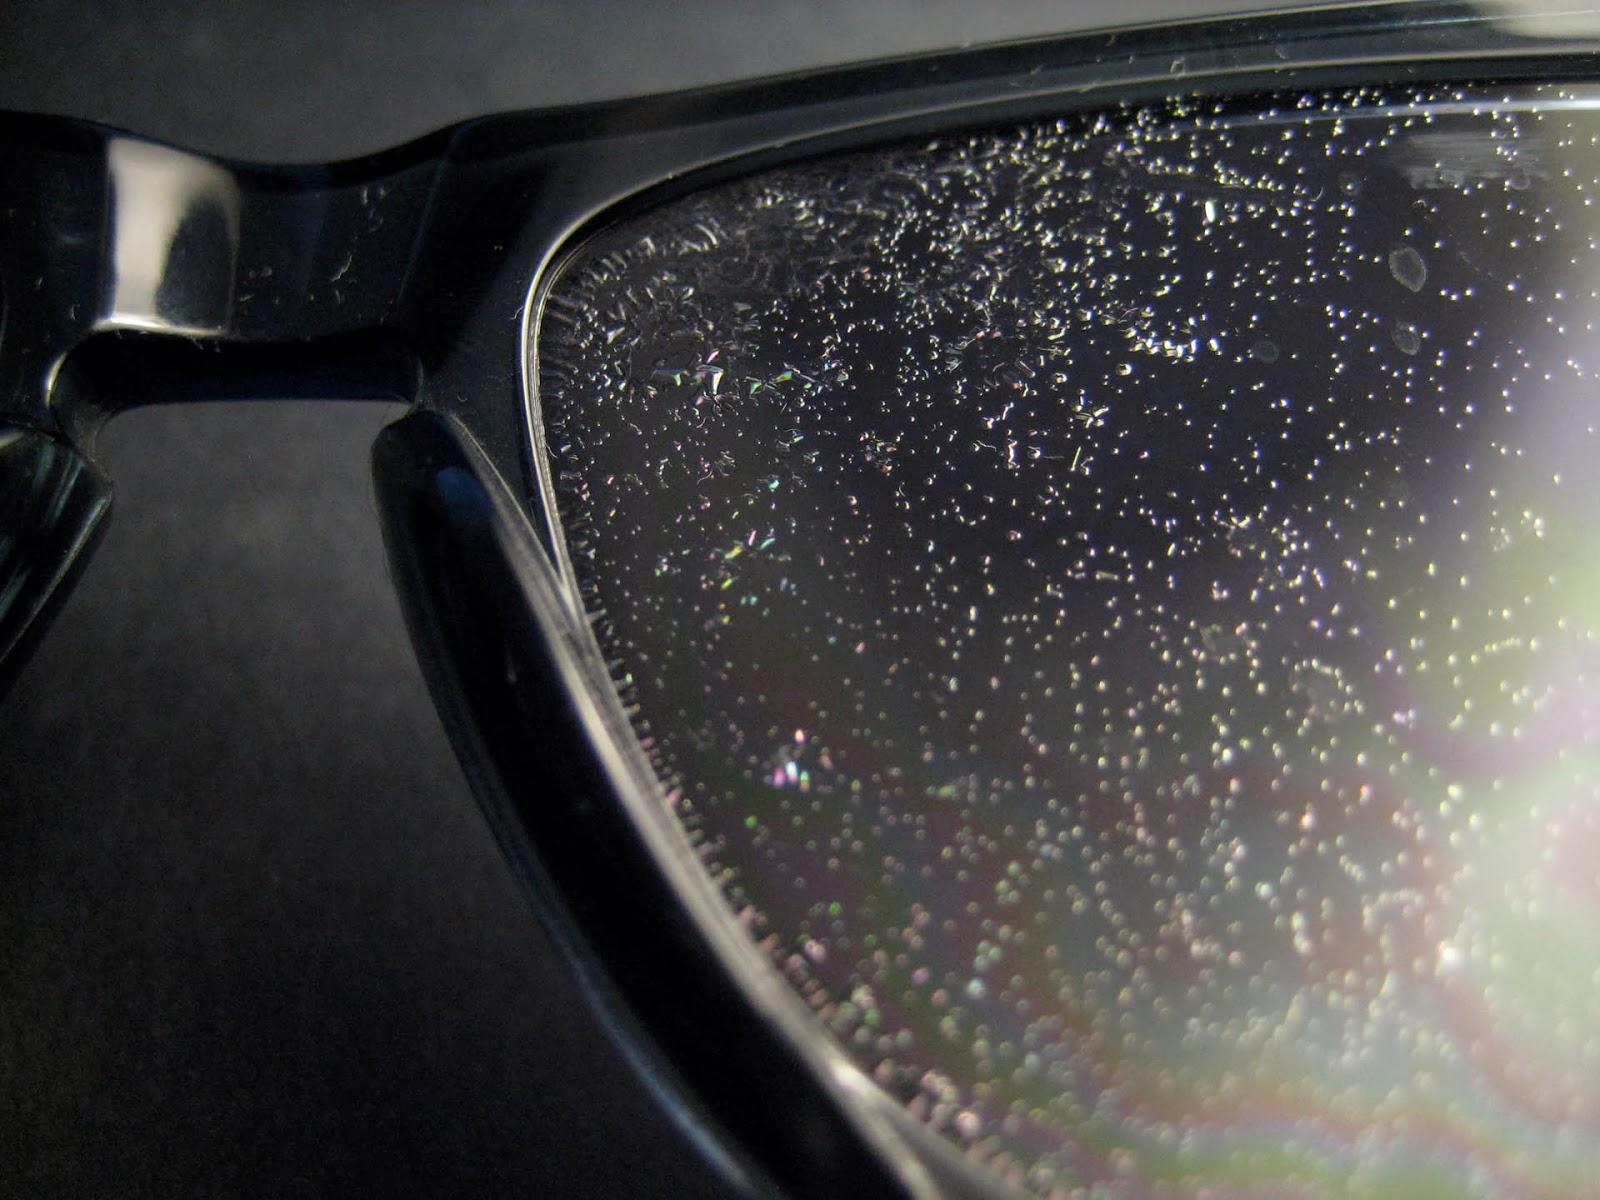 lente do ray ban descascando